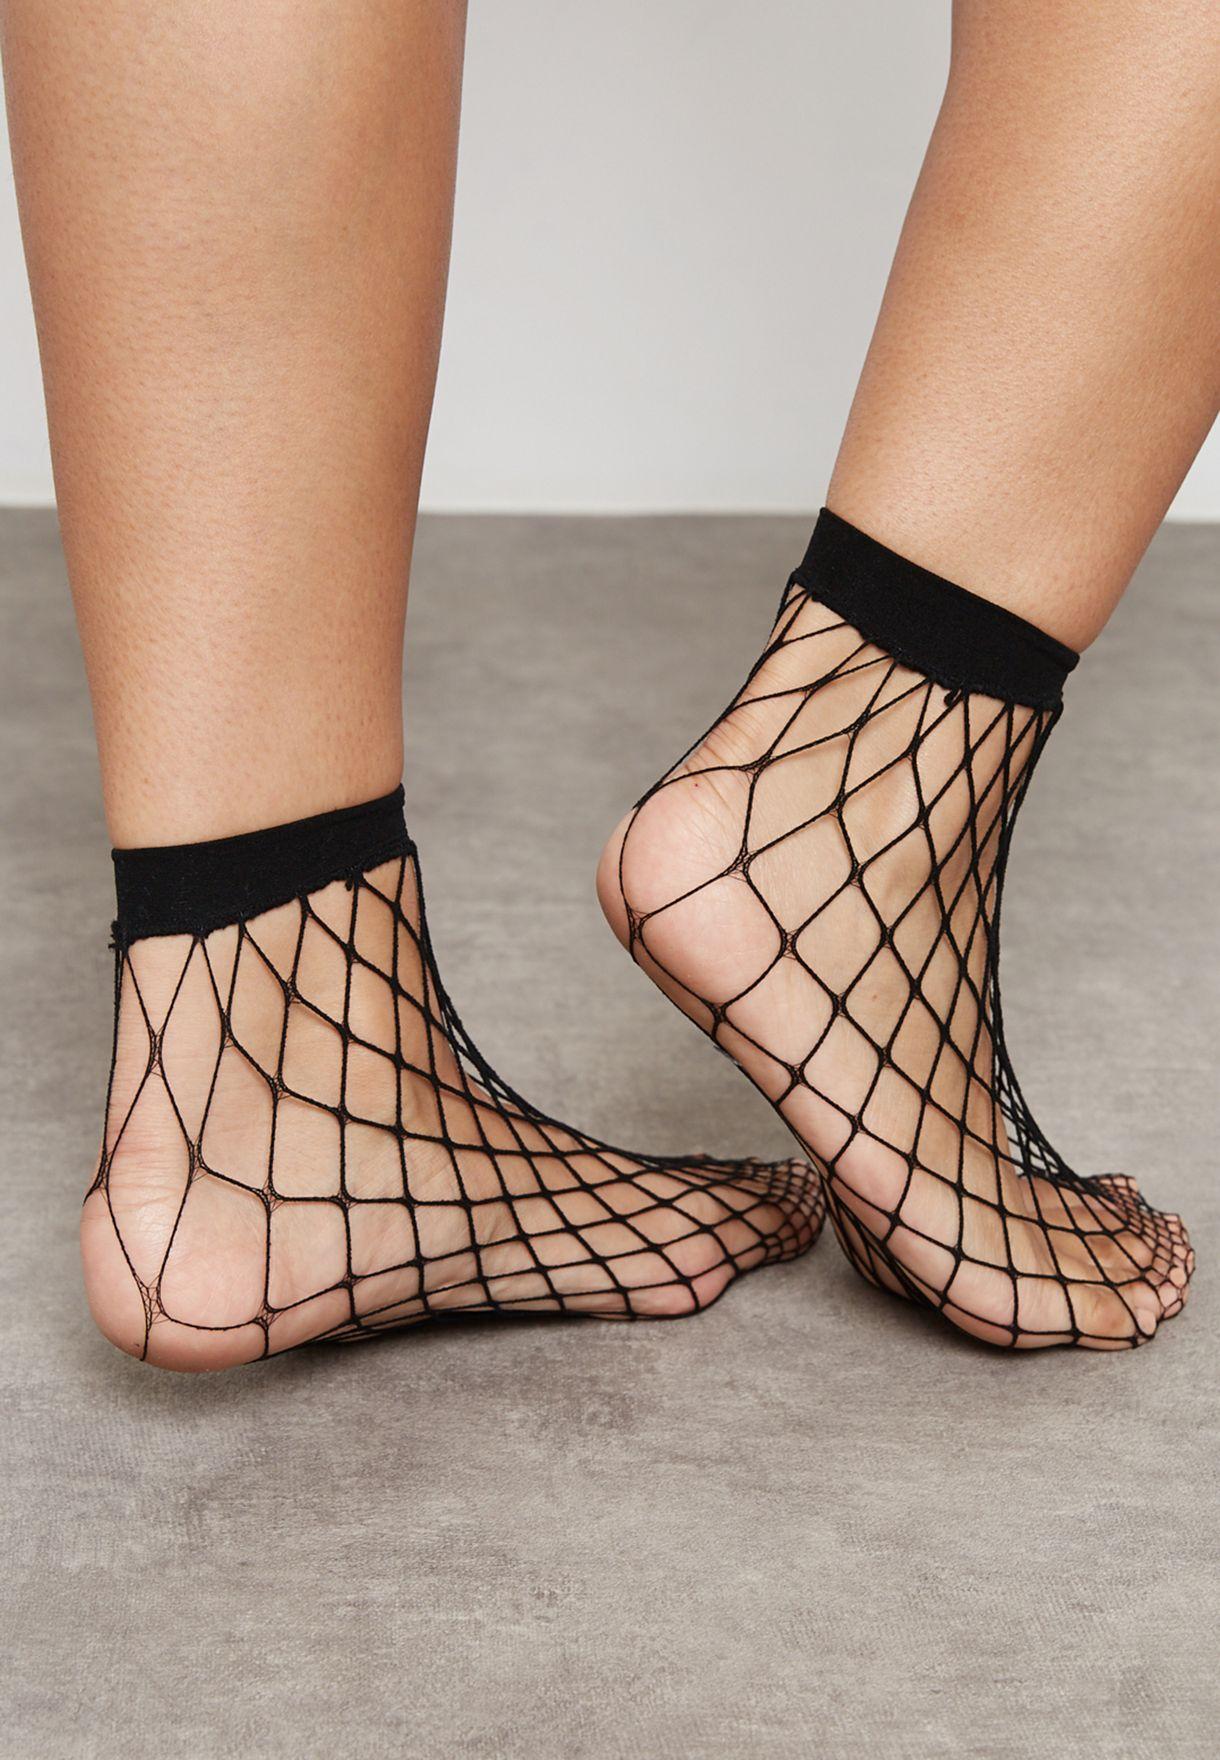 Ankle High Fishnet Socks